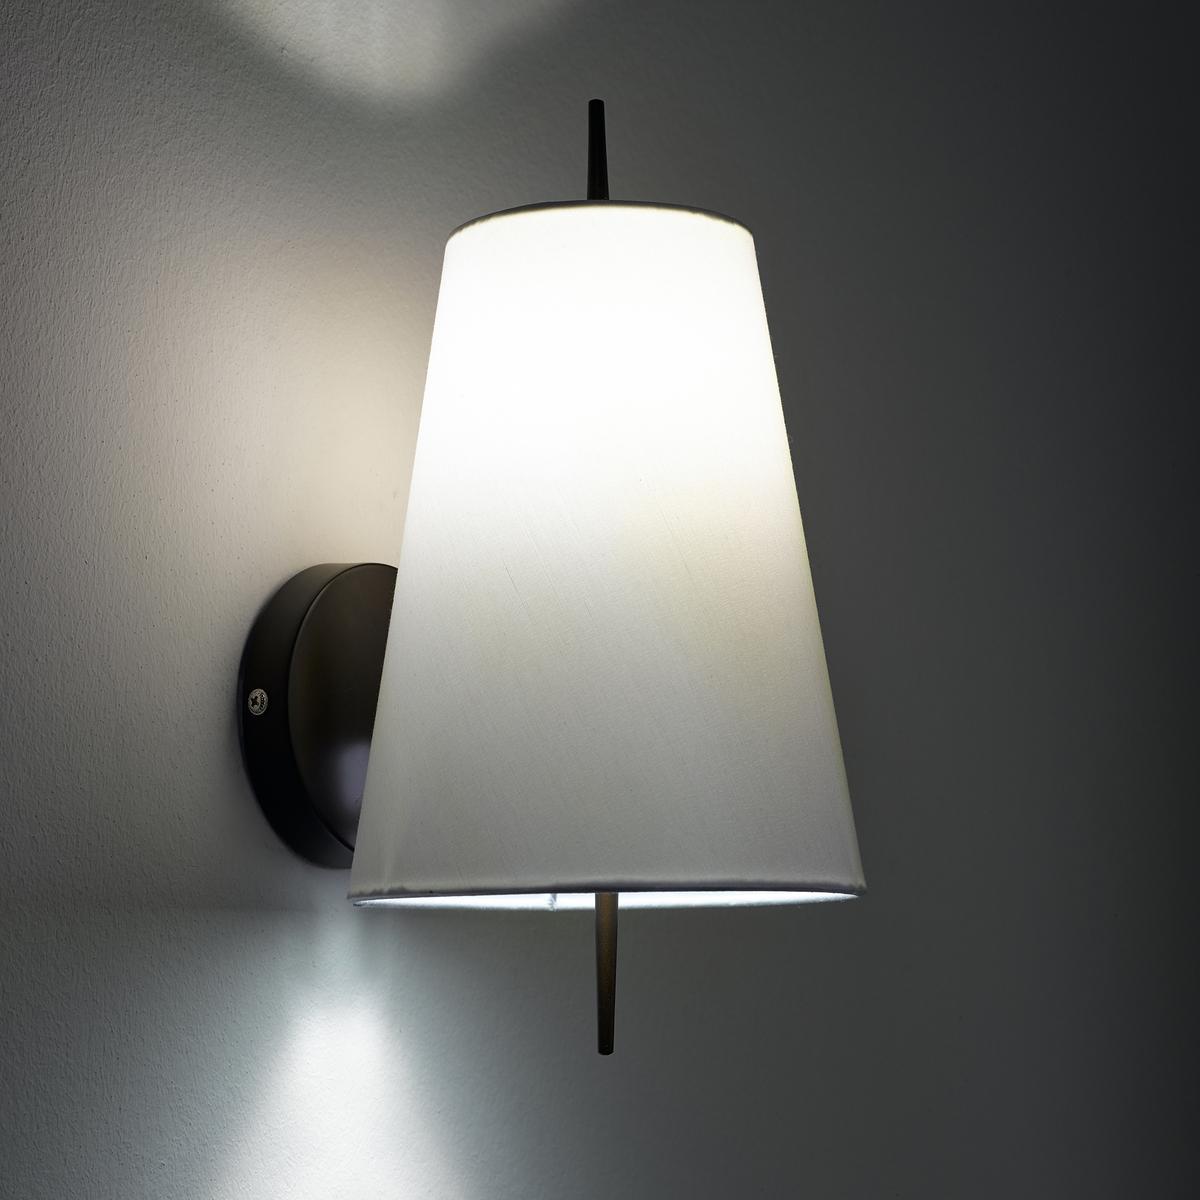 Бра JouanicoХарактеристики : - Из металла с покрытием эпоксидной краской бронзового цвета с эффектом старения- Абажур из хлопка- Патрон E14 для компактной лампы макс. 8 Вт (продается отдельно)- Совместим с лампами класса энергопотребления  AРазмеры : - Ш.16,8 x В.22 x Г.16,8 см- Абажур : Ш.16,8 x В.22 x Г.6,8 см<br><br>Цвет: белый